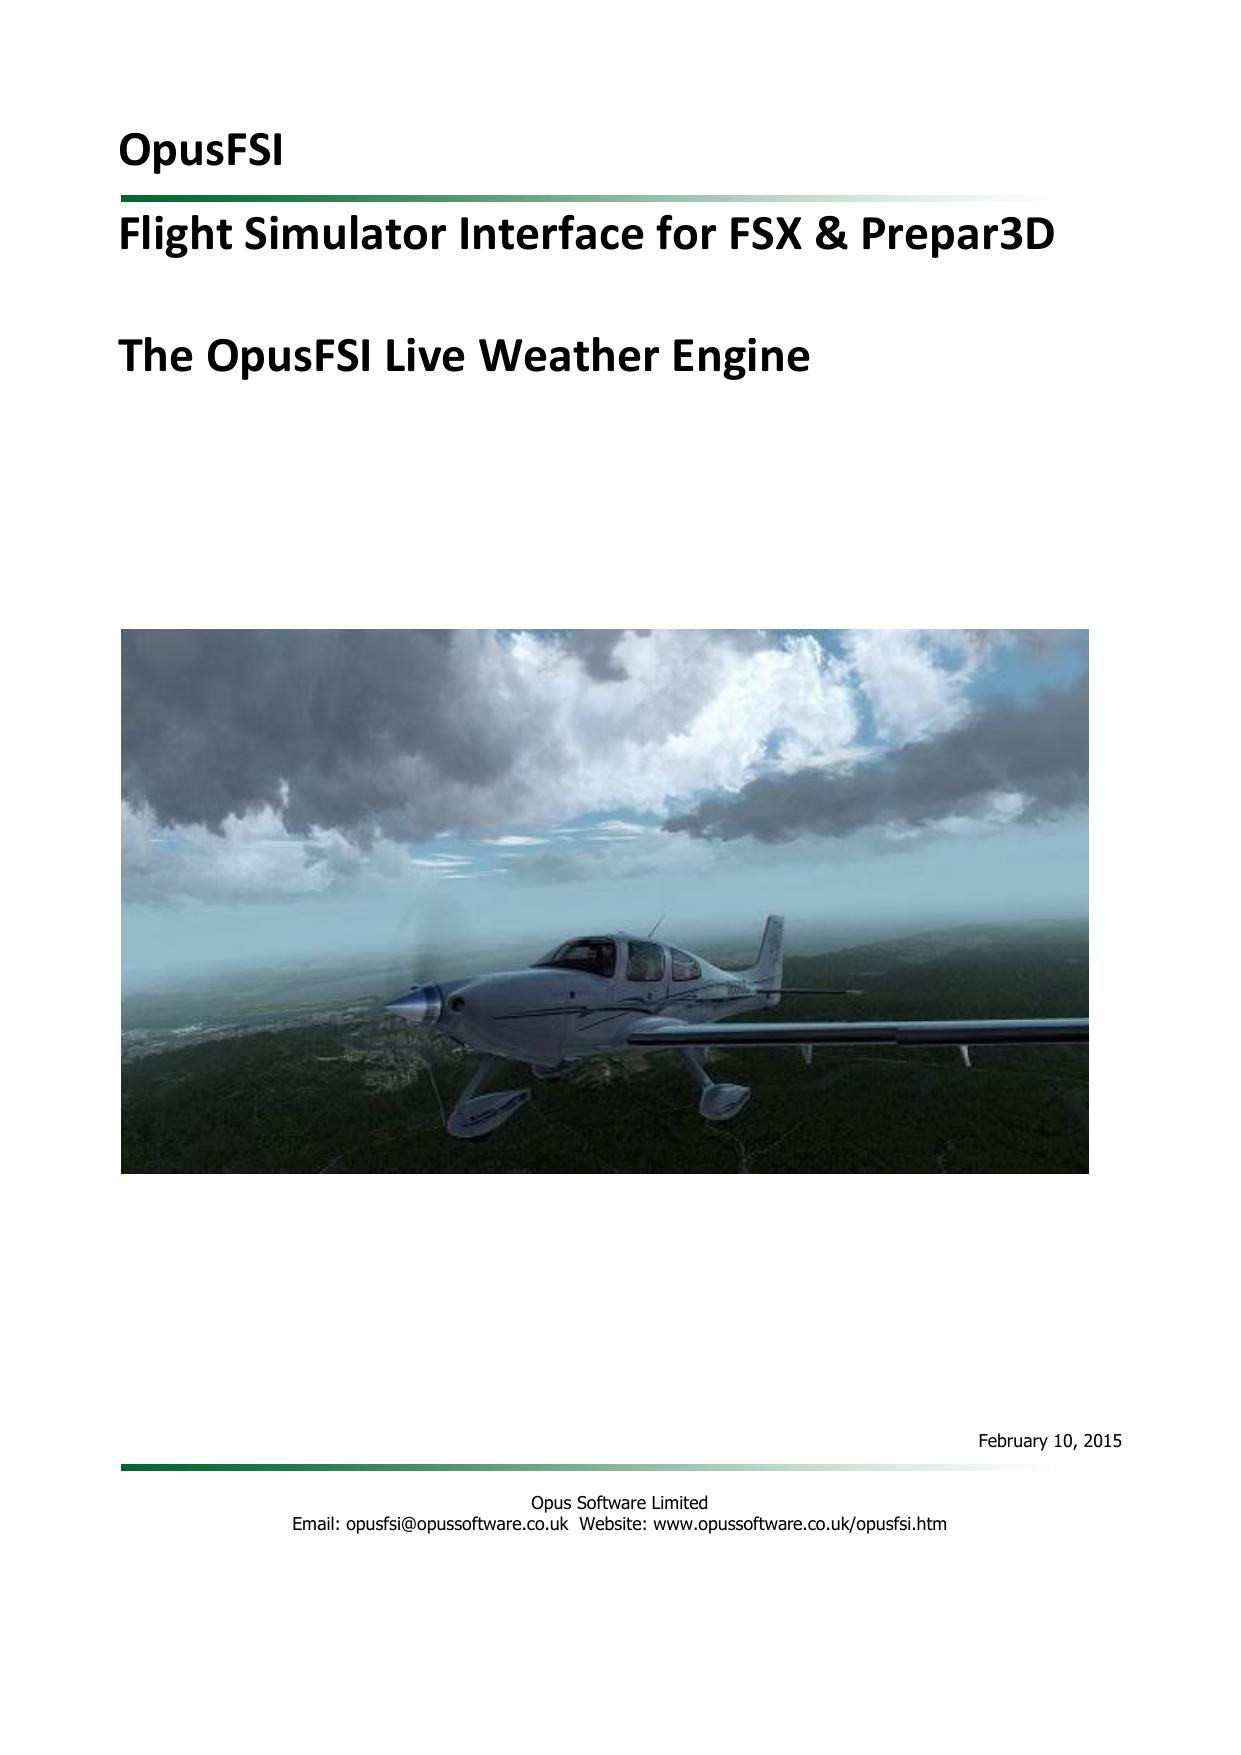 OpusFSI Flight Simulator Interface for FSX & Prepar3D The